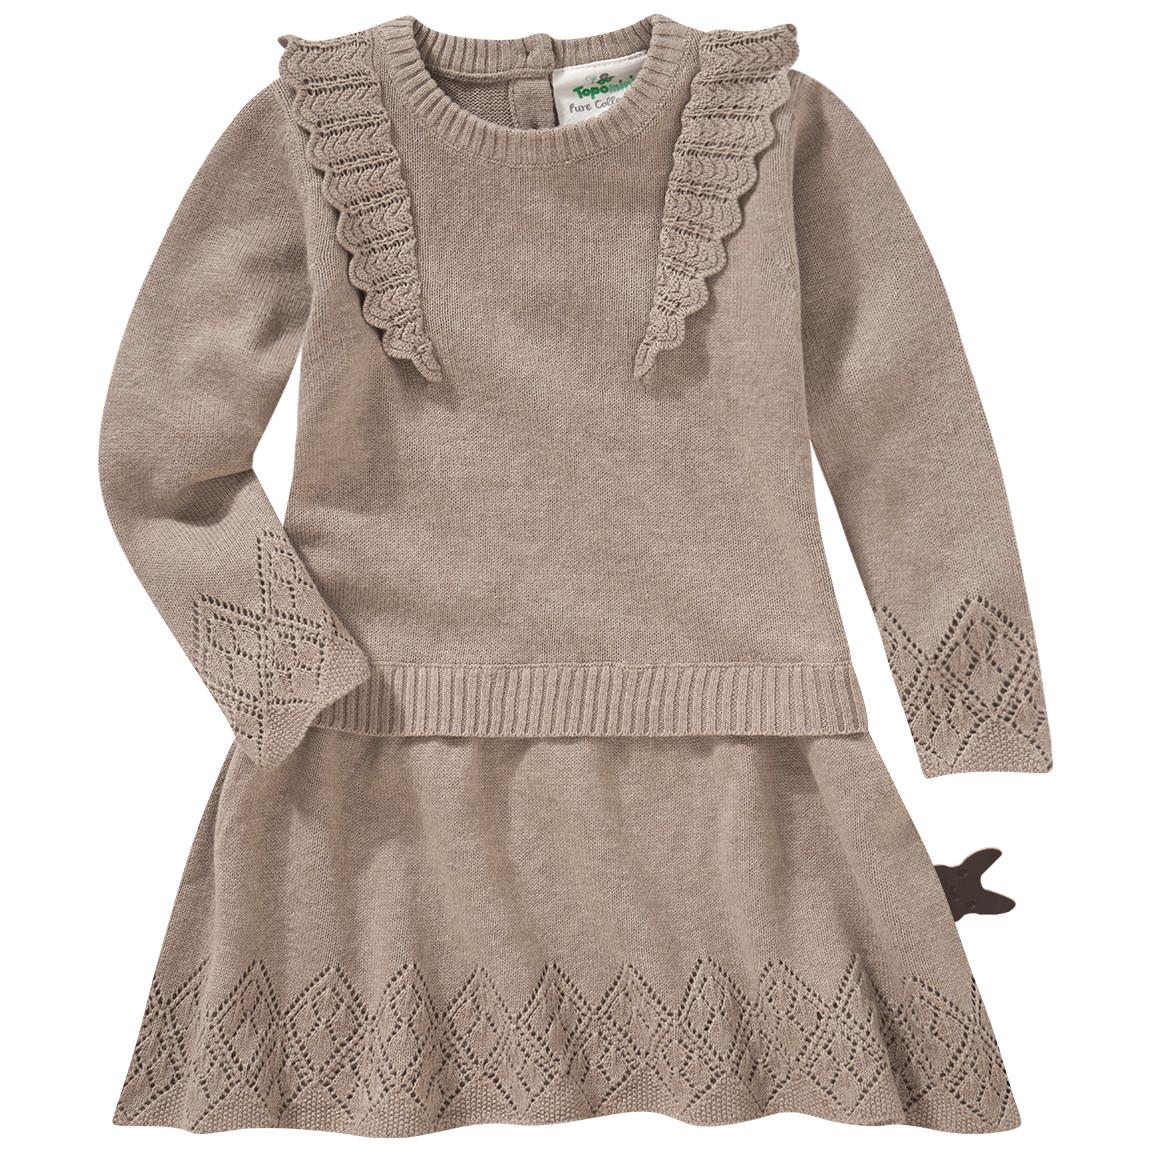 Babykleiderroecke - Newborn Strickkleid mit Lochstickerei - Onlineshop Ernstings family